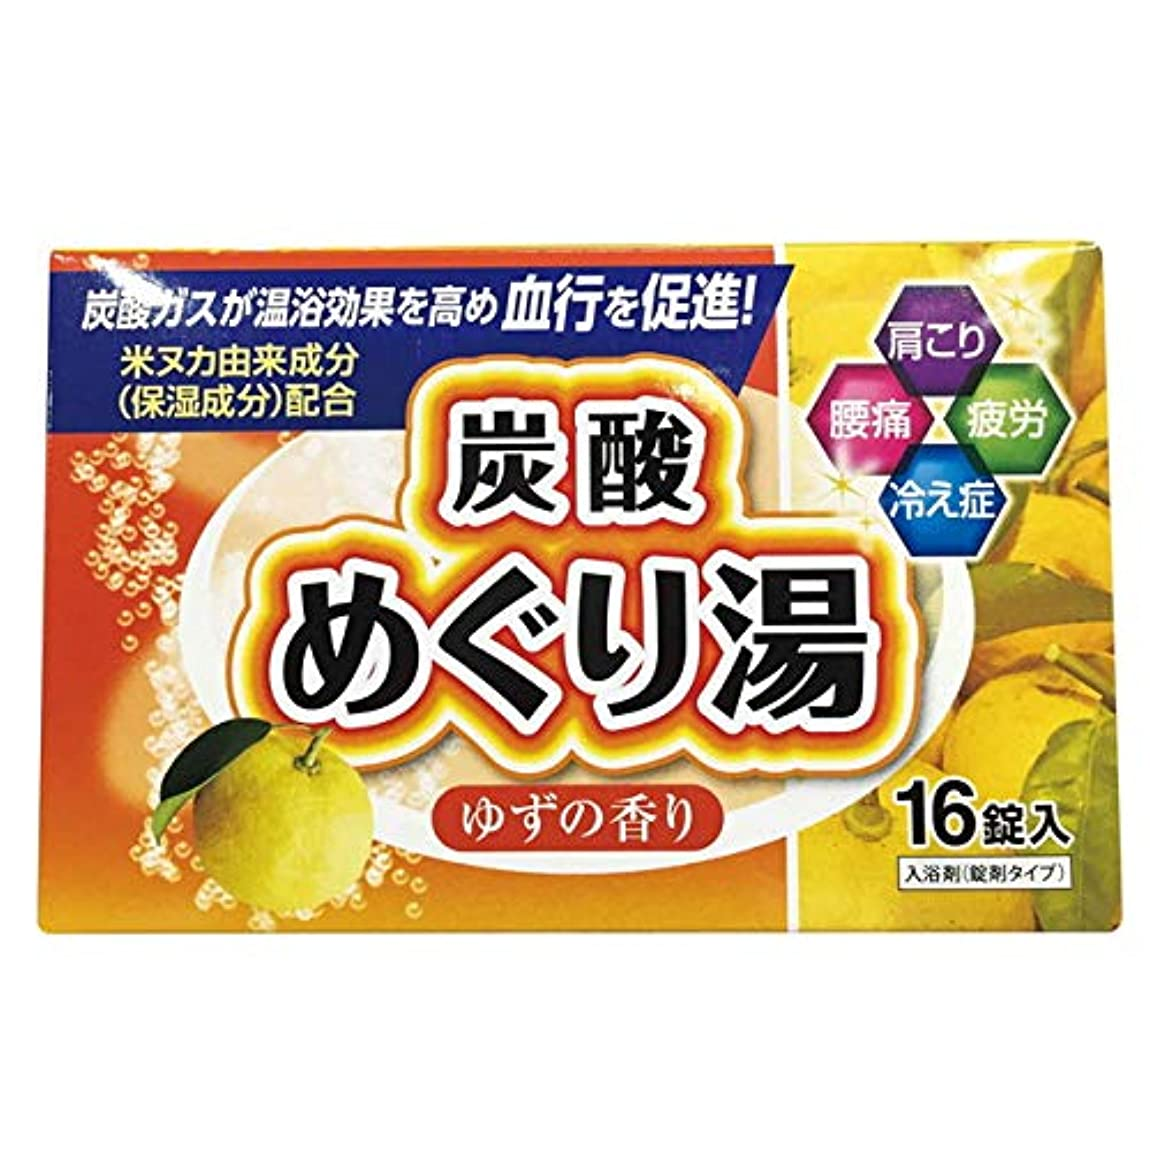 リンス発行プレゼンテーション炭酸めぐり湯 ゆずの香り 16錠